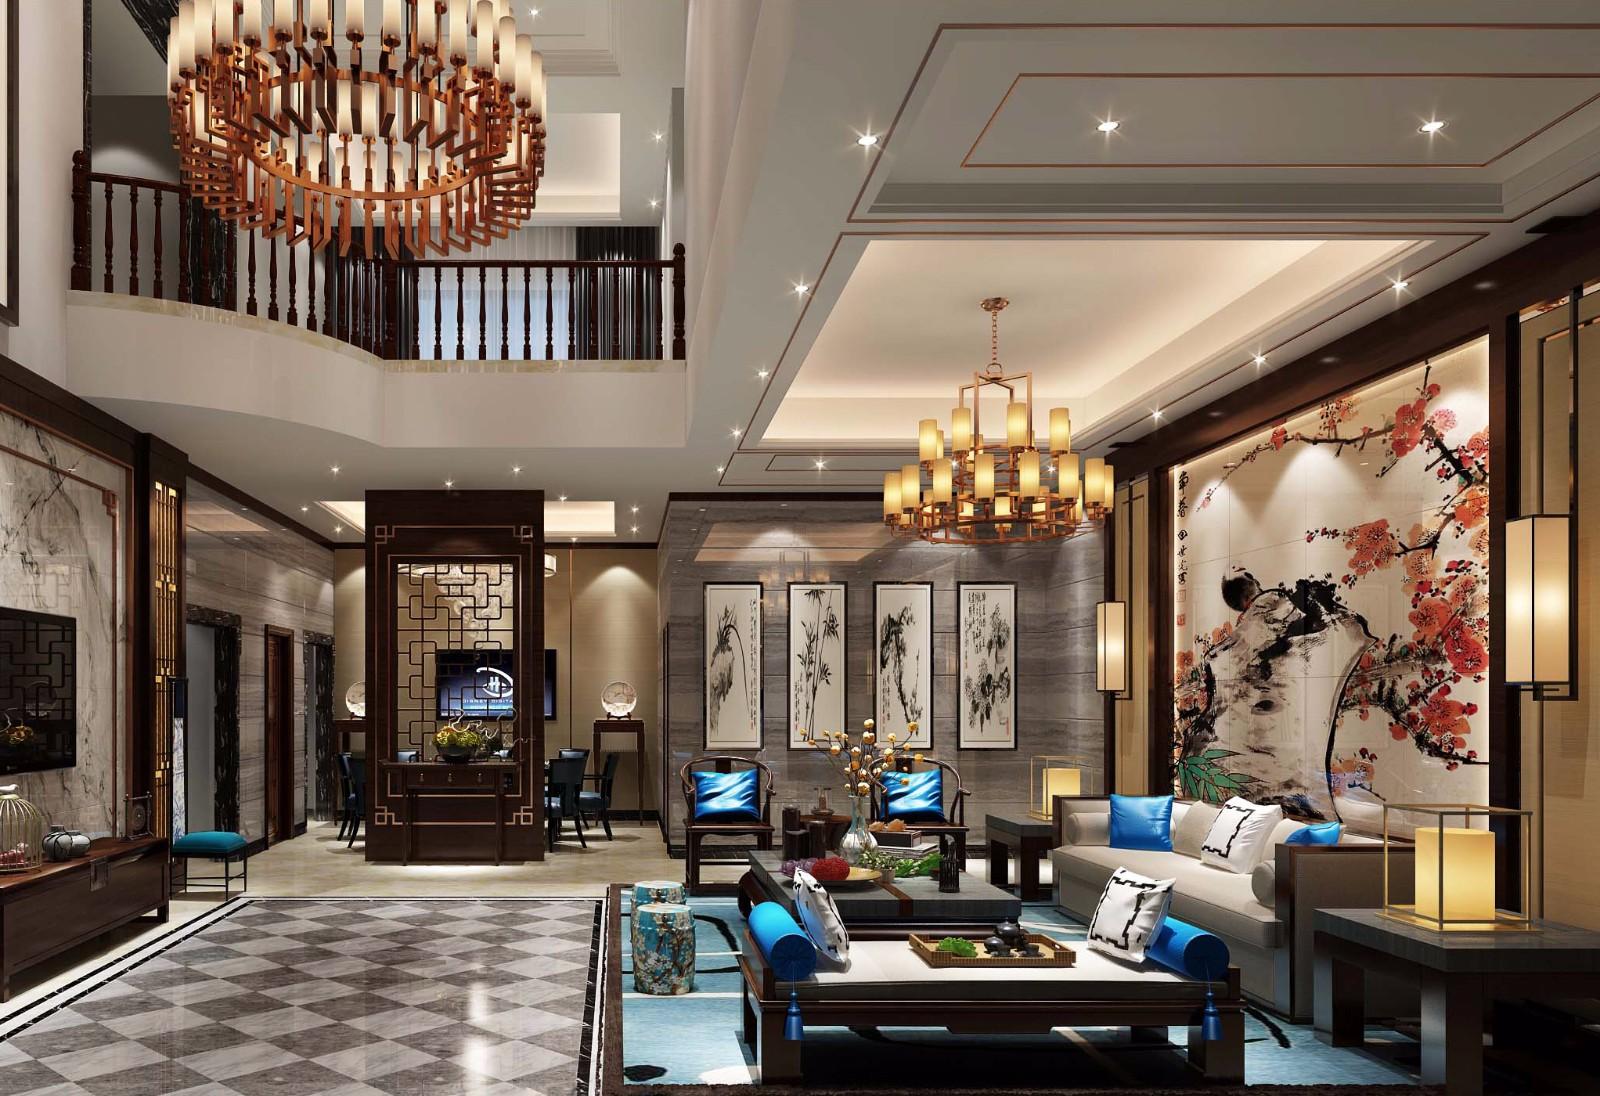 三室两厅三卫一厨350平米美式风格别墅装修效果图